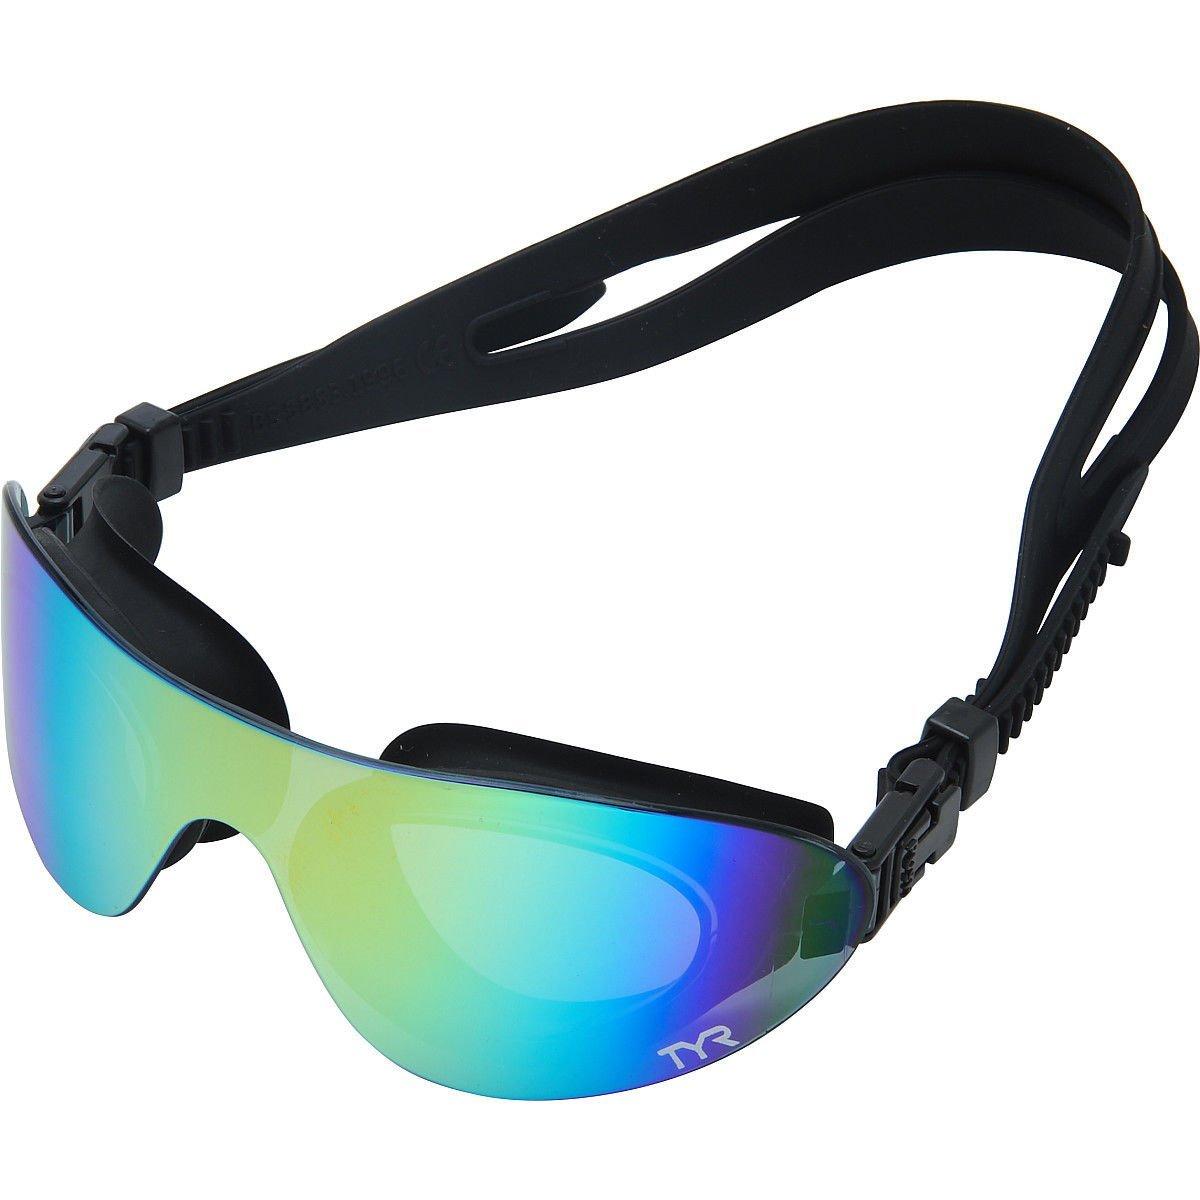 e2b28288c1e Buy TYR Swim Shades Mirrored Swim Goggles in Cheap Price on Alibaba.com